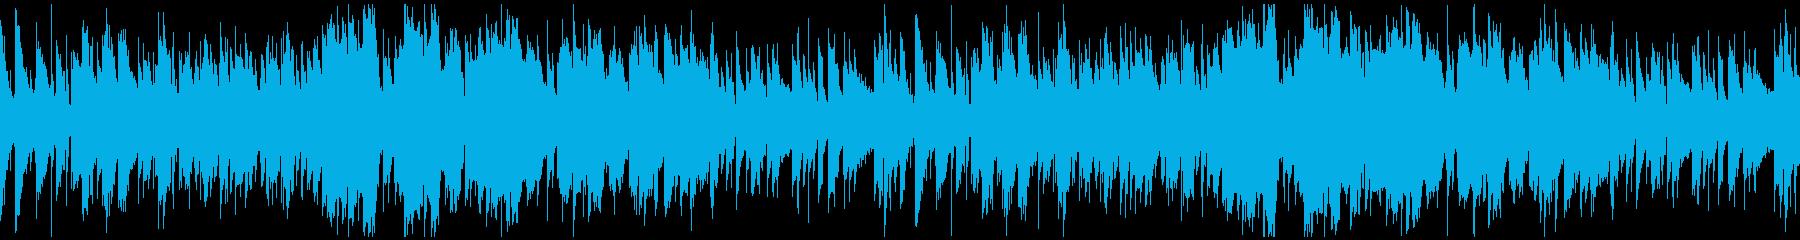 生演奏フルートの可憐なボサノバ:ループの再生済みの波形